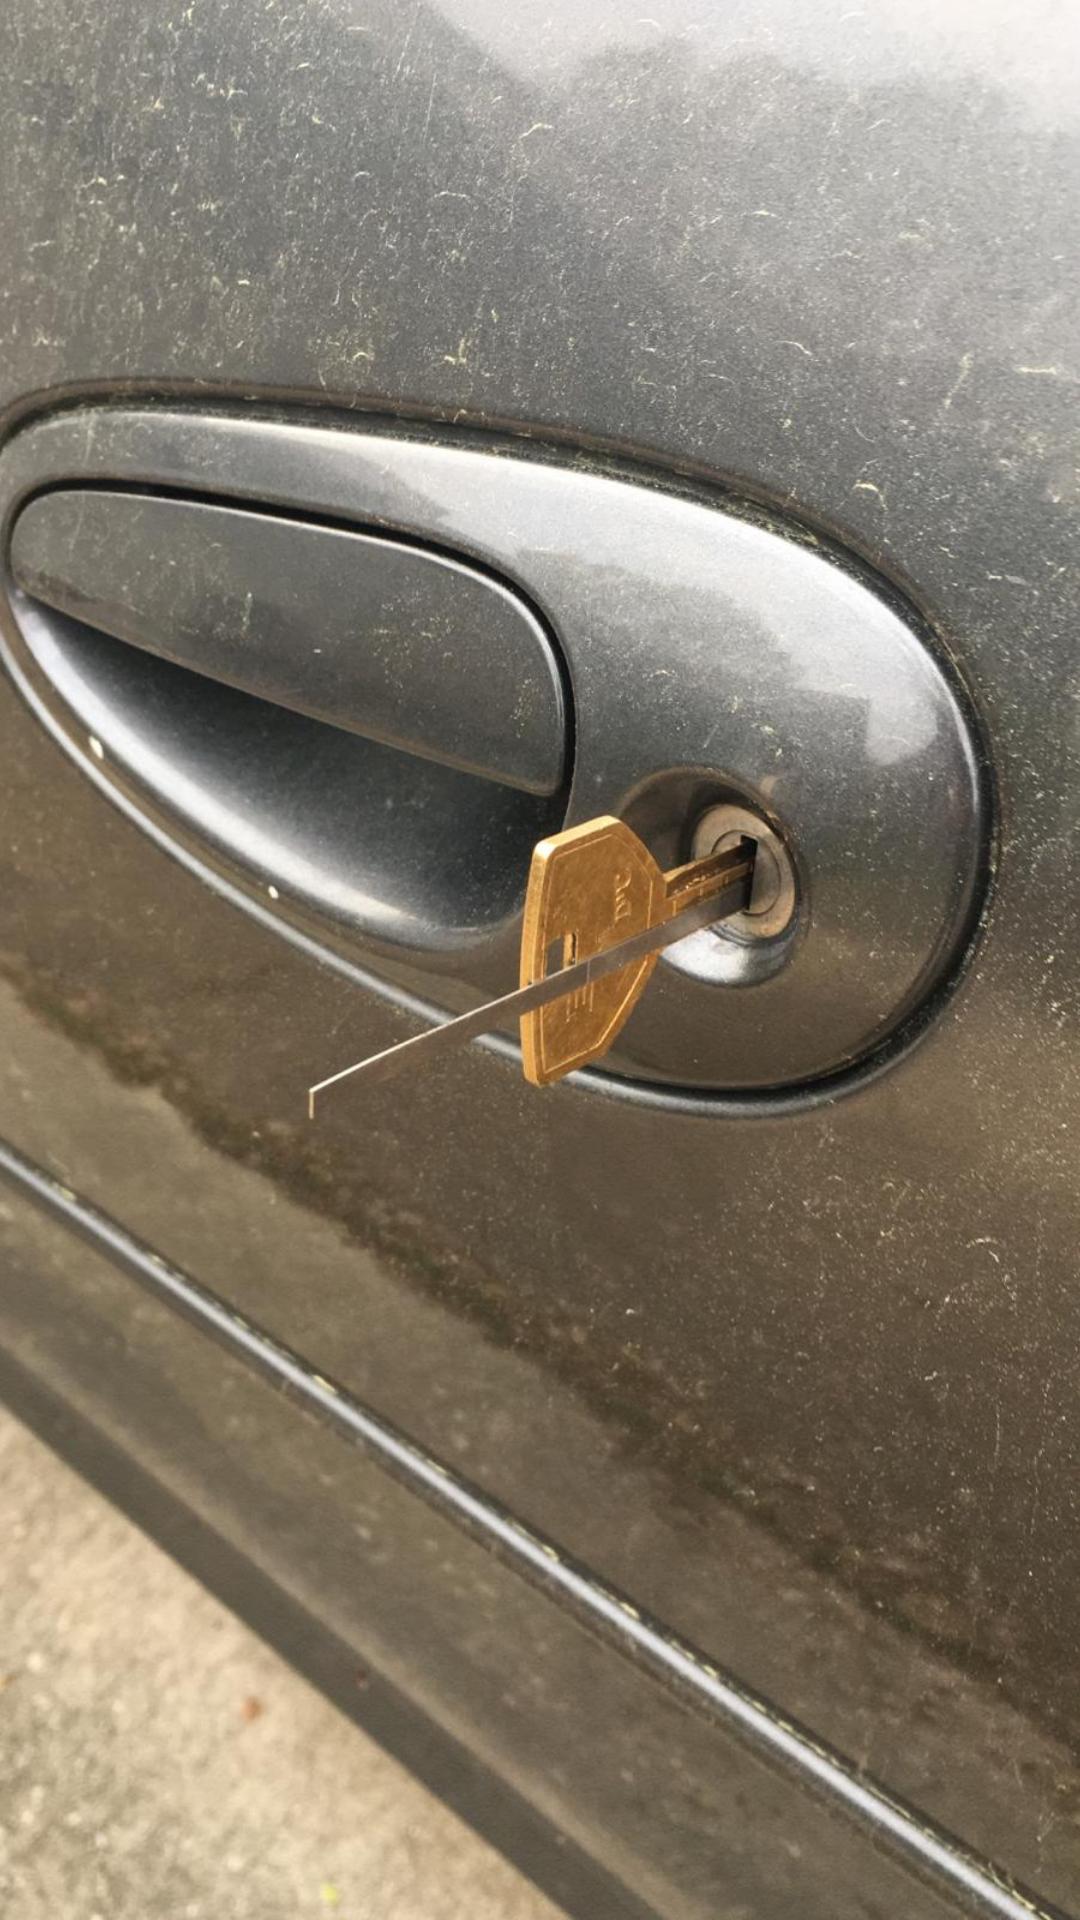 lockpicking car door